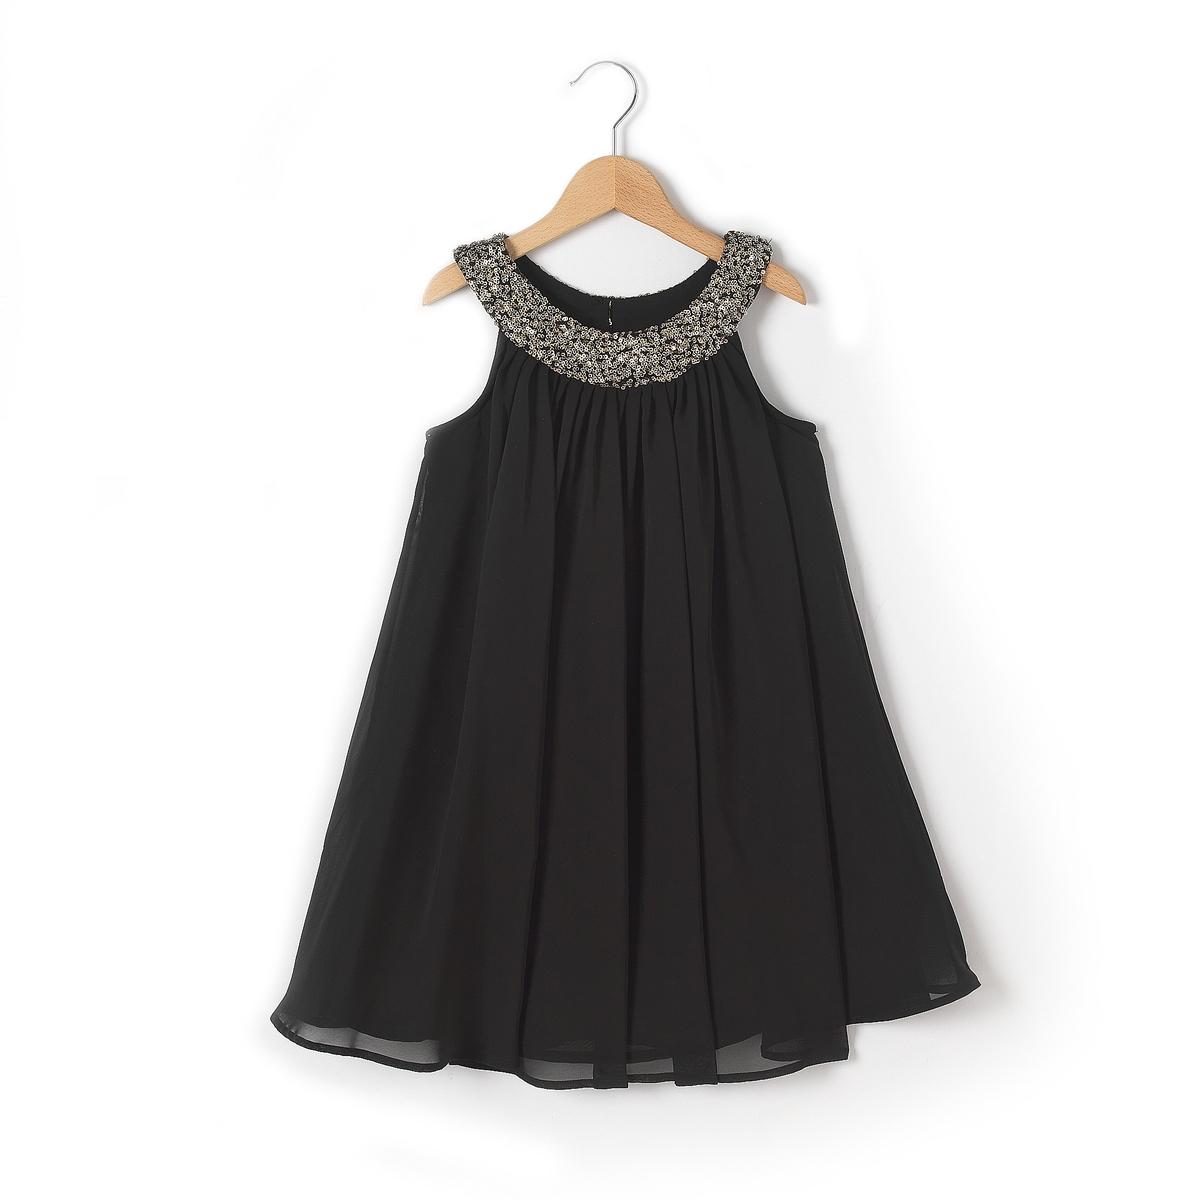 Платье с украшениемДля возраста от 3 до 5 лет украшение заменено на принт по причинам безопасности.<br><br>Цвет: черный<br>Размер: 12 лет -150 см